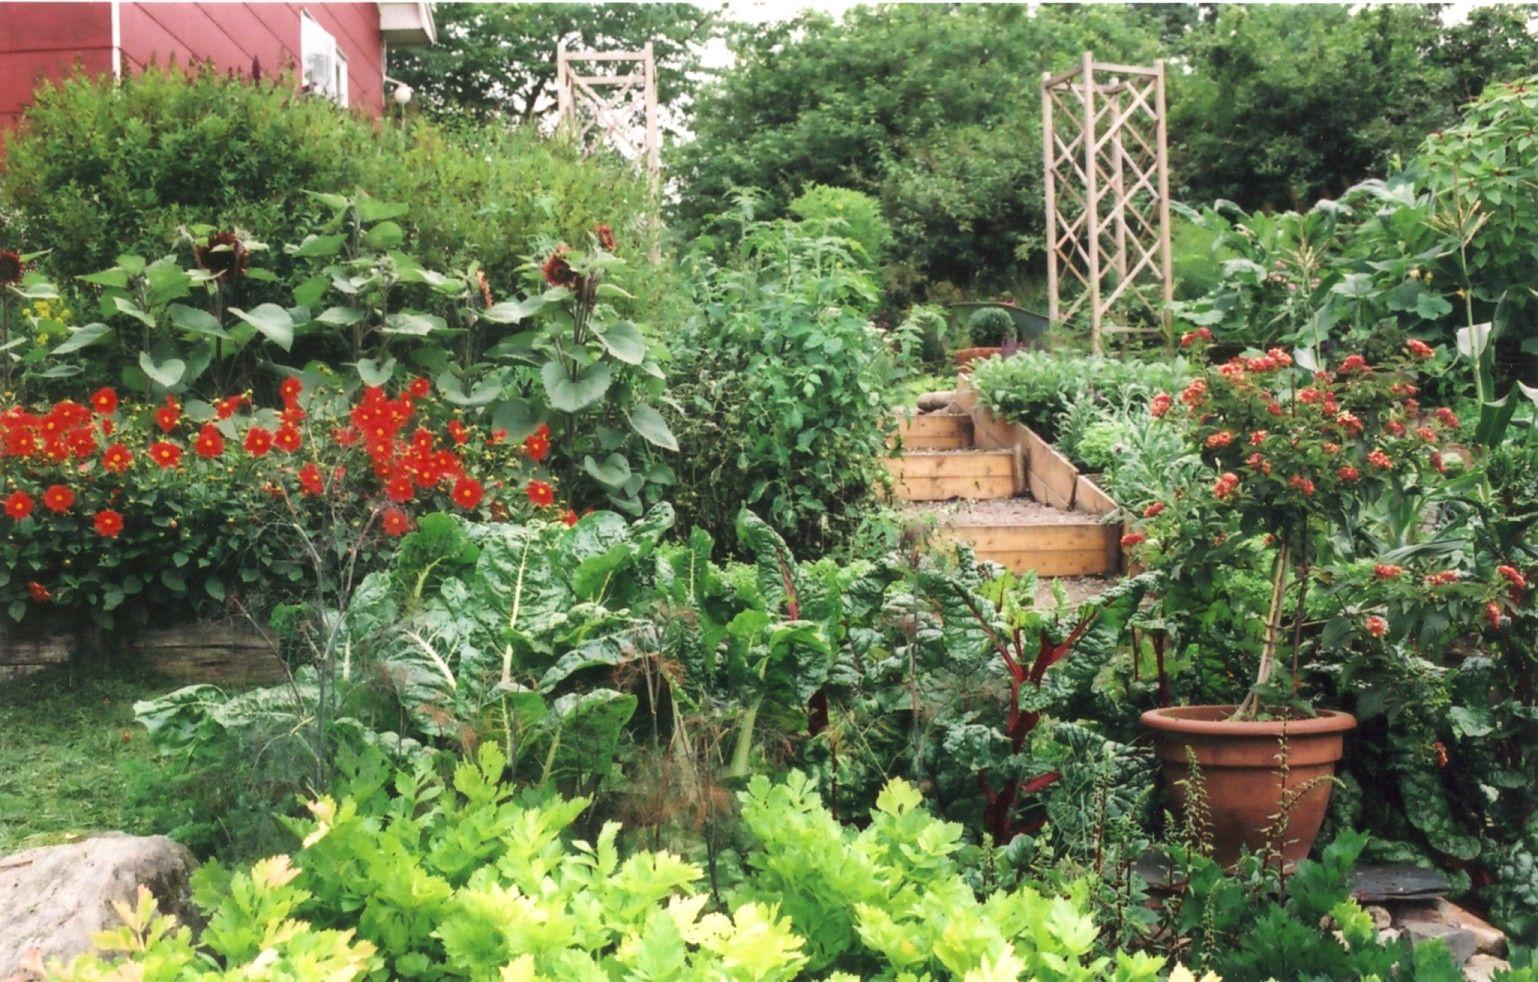 slänt i trädgården - Sök på Google